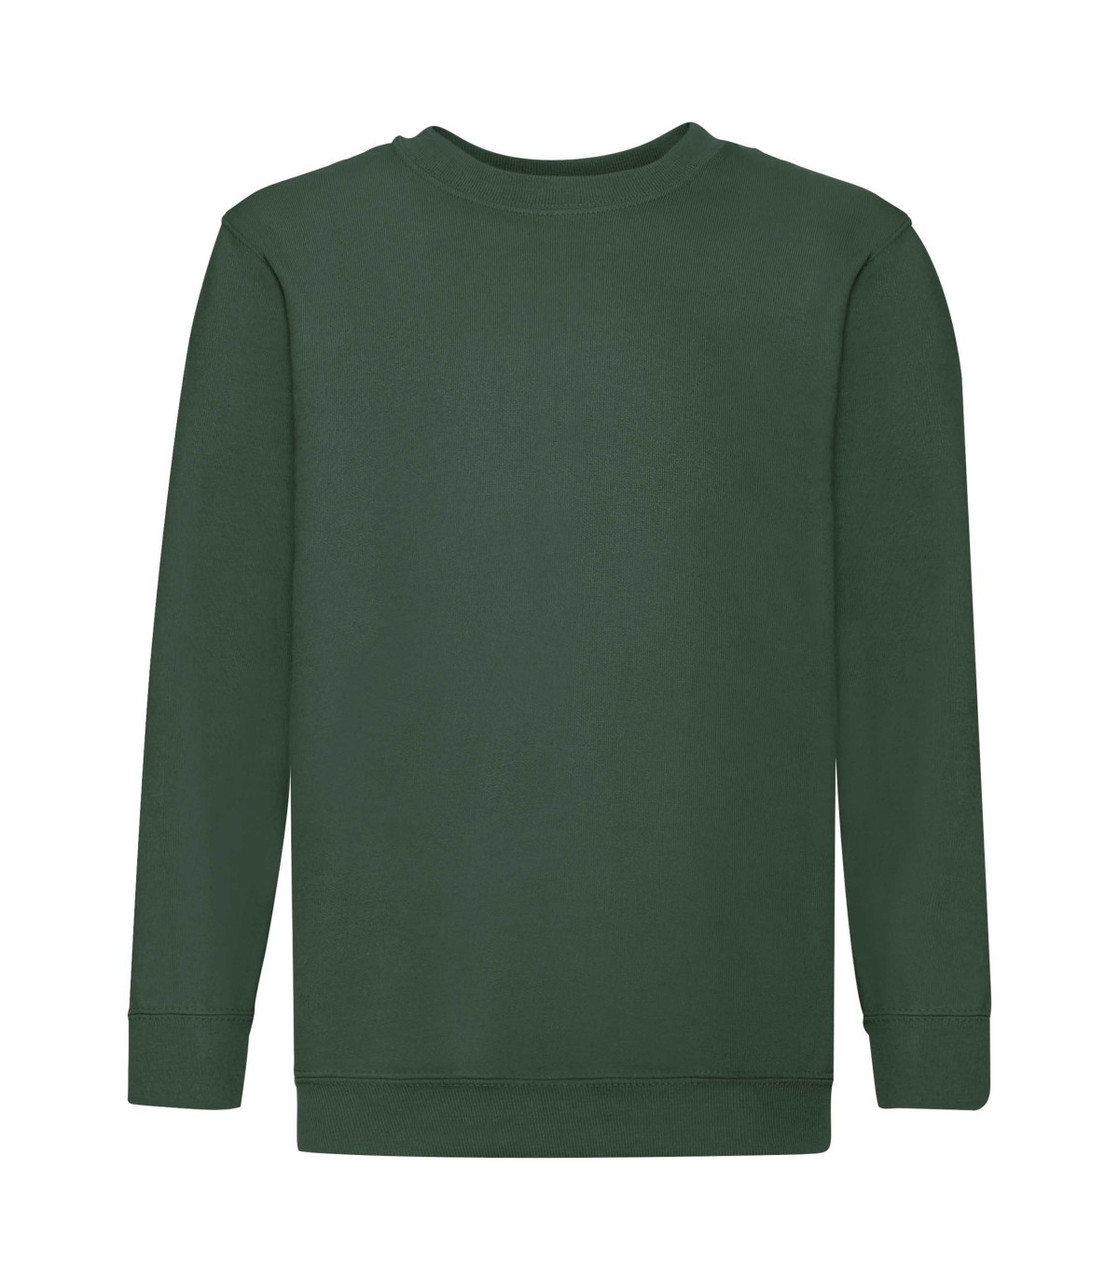 Детский свитшот премиум однотонный темно-зеленый 031-38